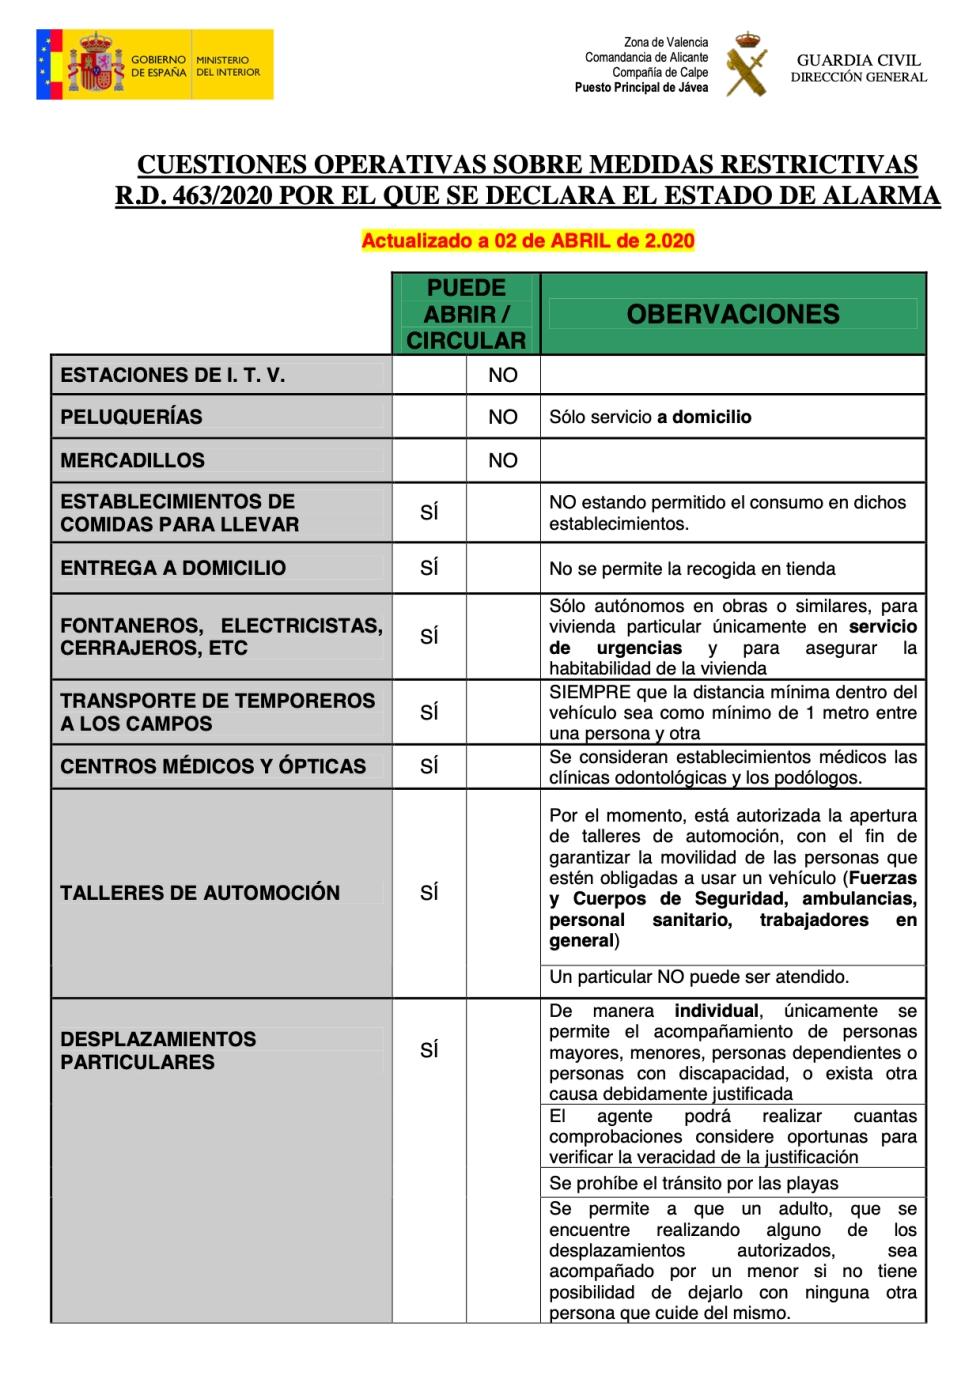 CUESTIONES OPERATIVAS SOBRE MEDIDAS RESTRICTIVAS R.D. 463/2020 POR EL QUE SE DECLARA EL ESTADO DE ALARMA